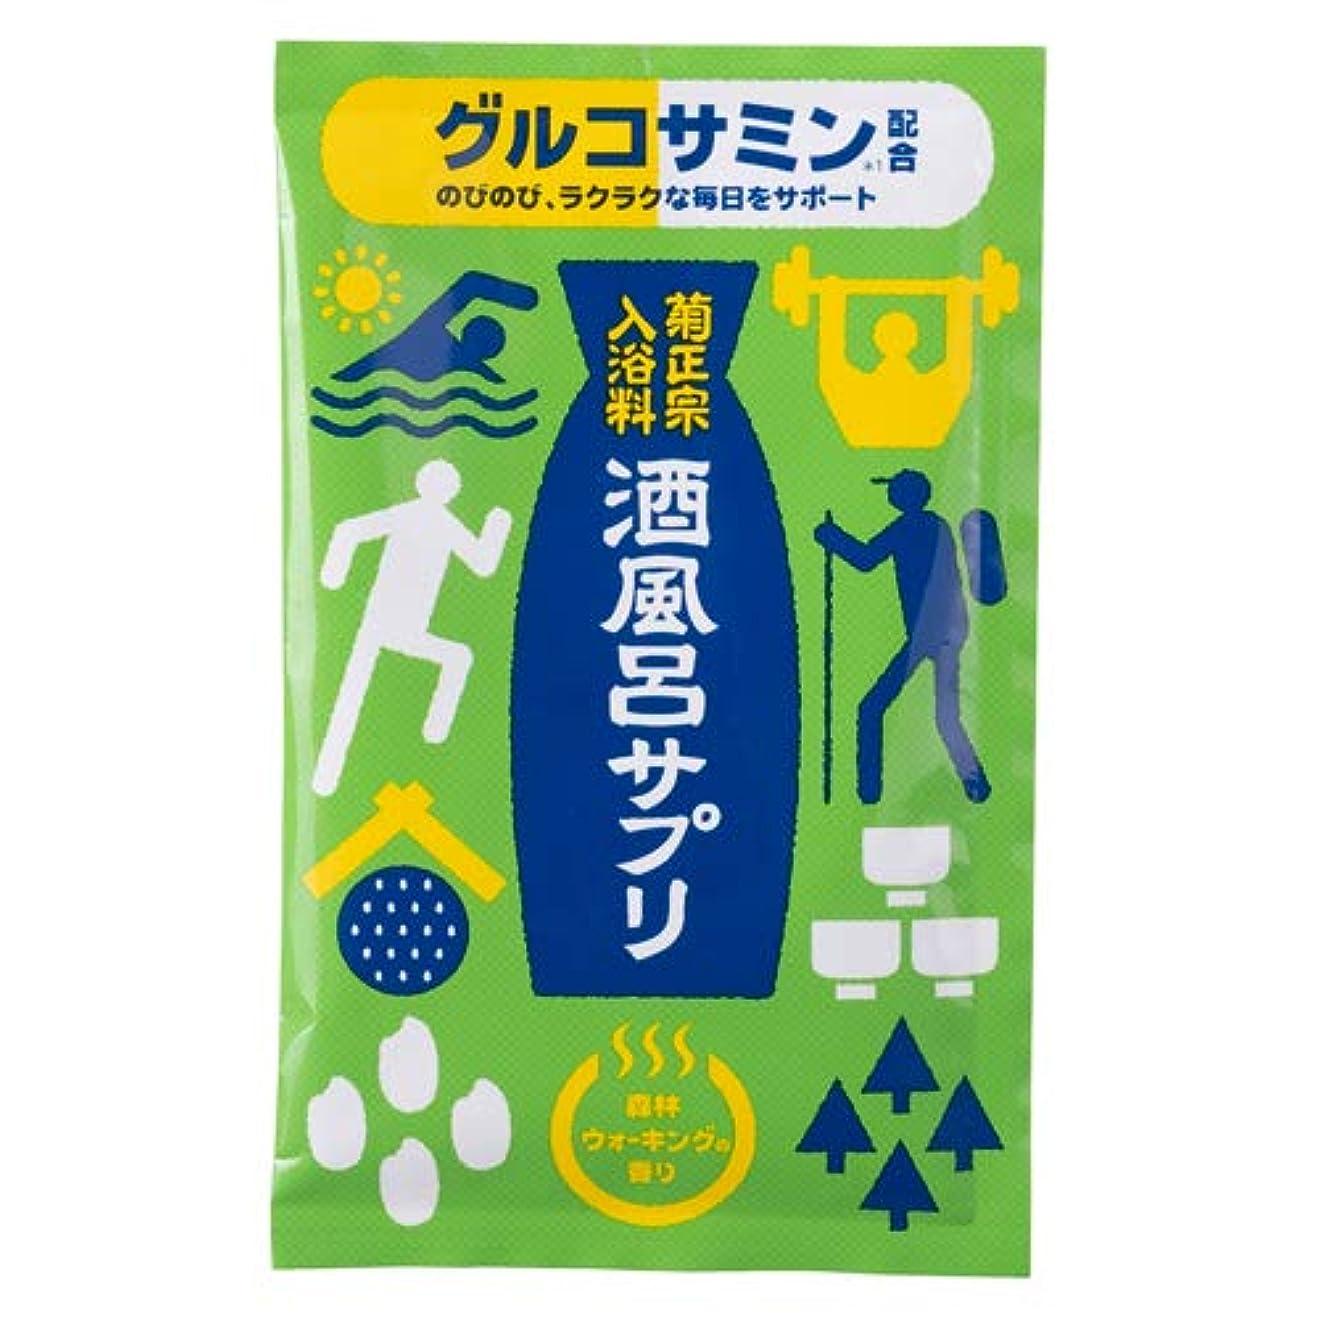 配る千必要としている菊正宗 入浴料 酒風呂サプリ グルコサミン